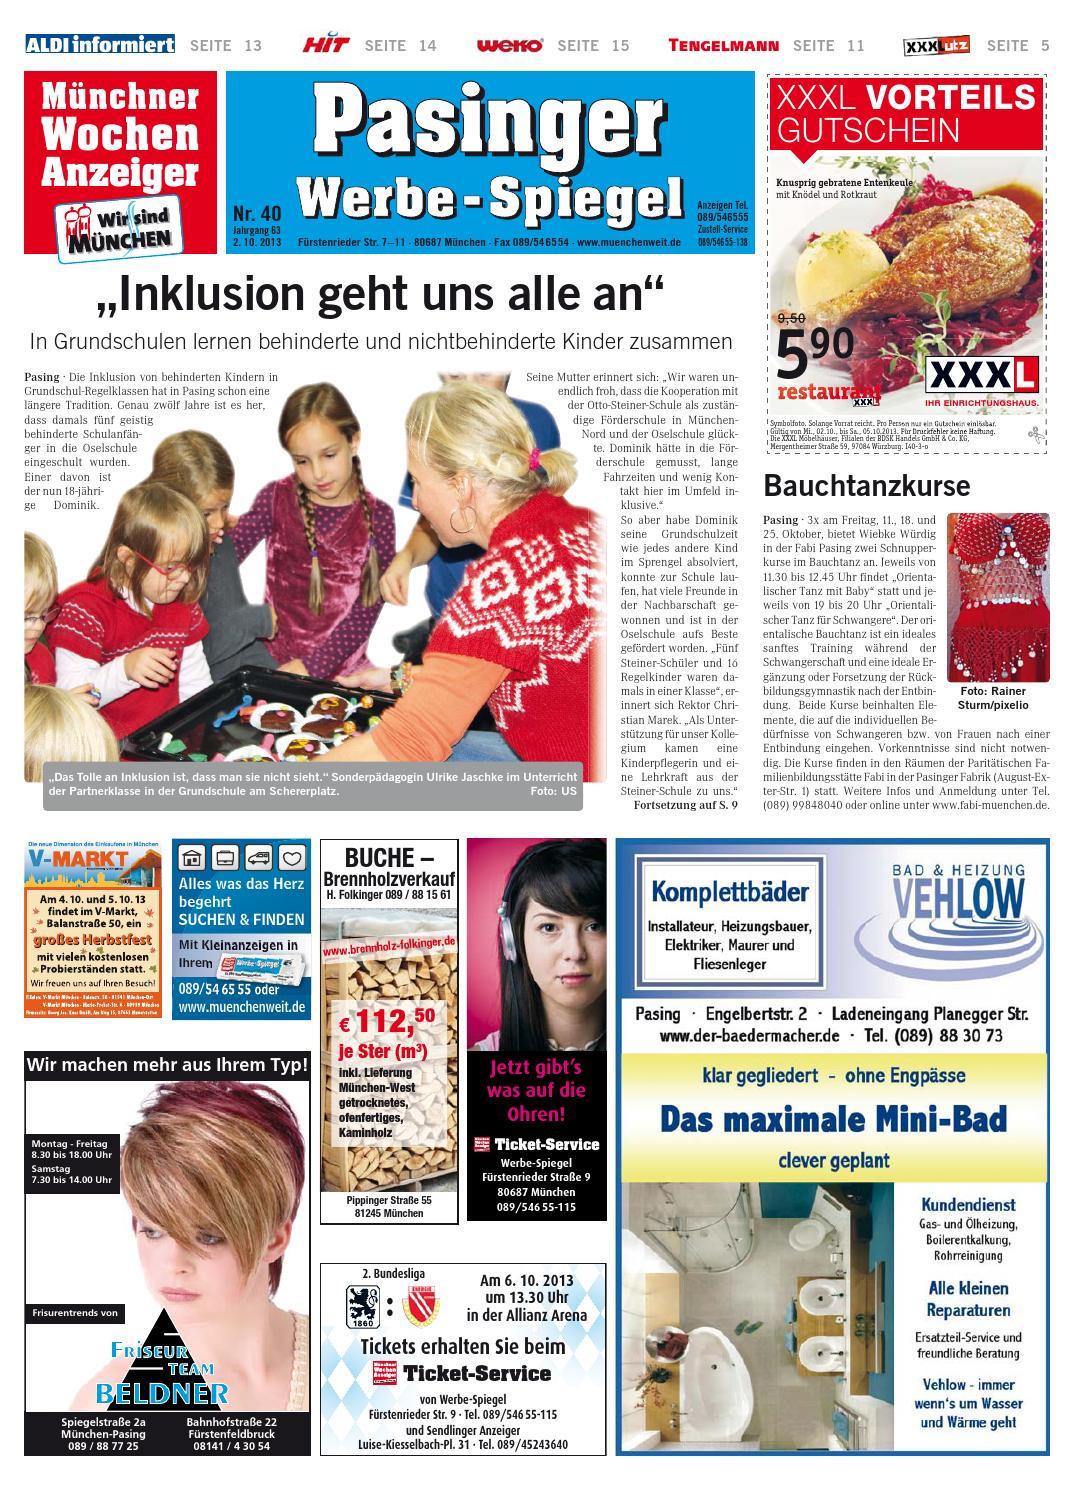 kw 40-2013 by wochenanzeiger medien gmbh - issuu, Hause ideen